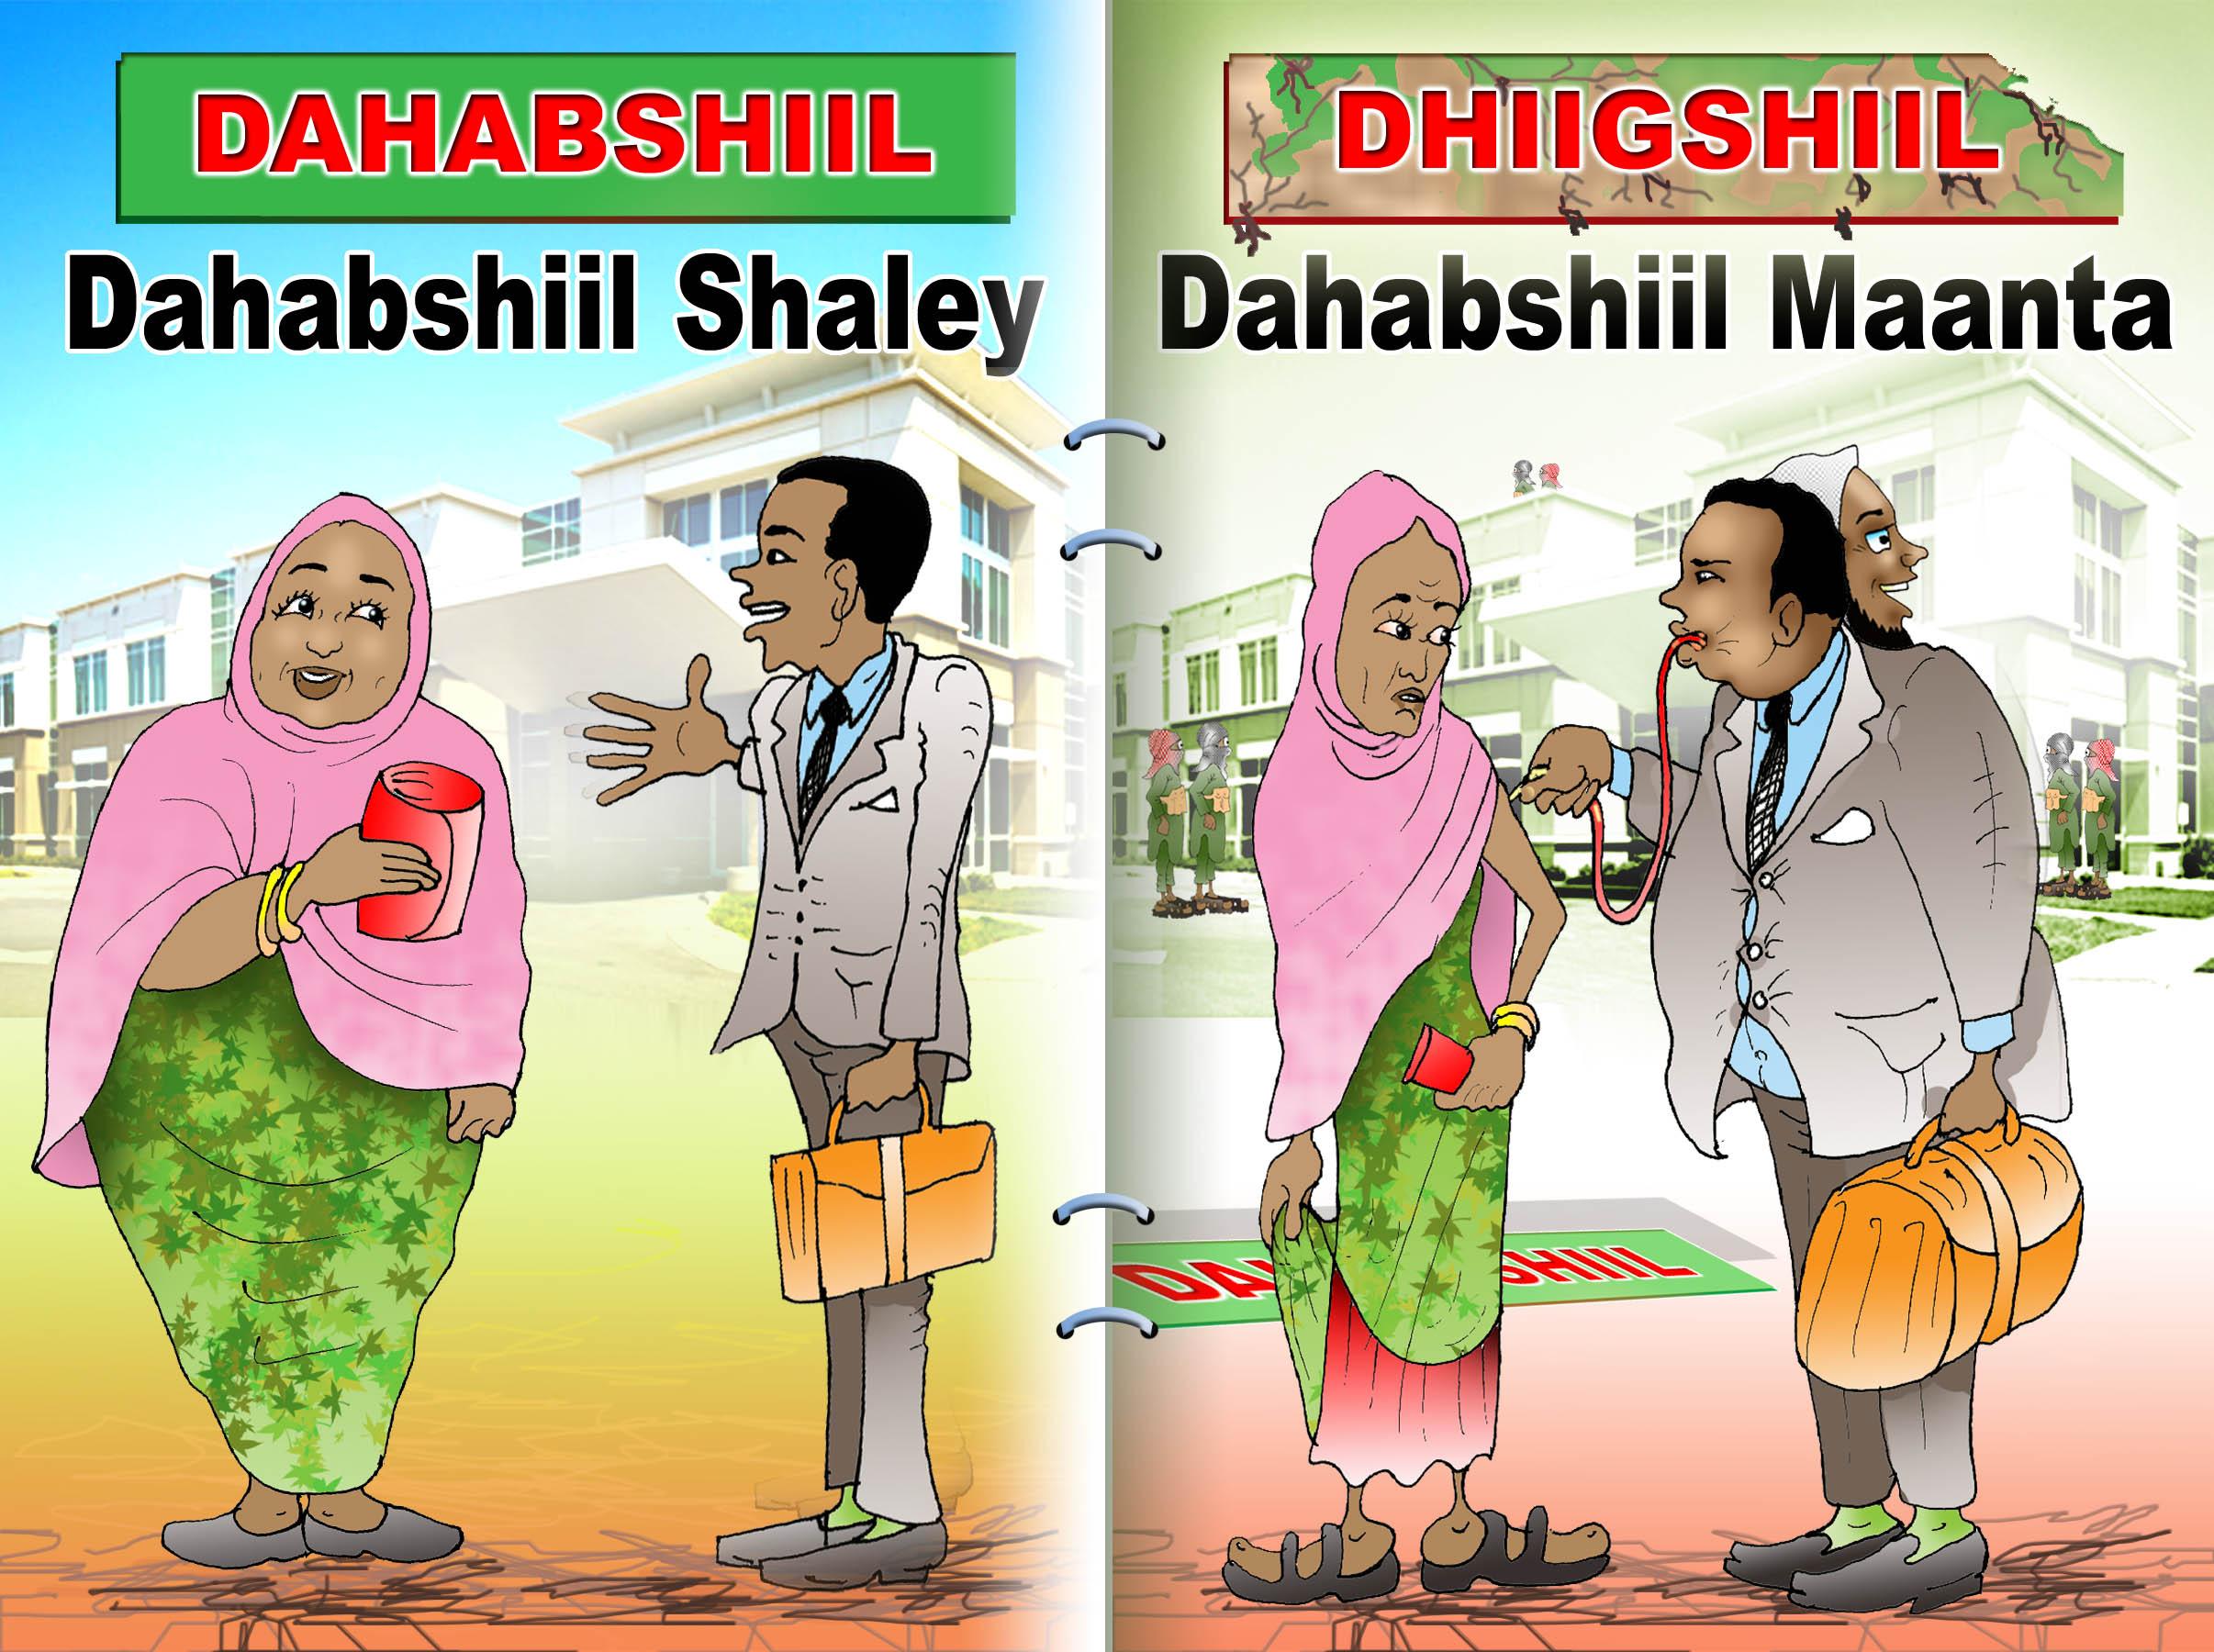 """Somalia: Dahabshiil is a Gold smelter."""" or """"blood smelter"""""""